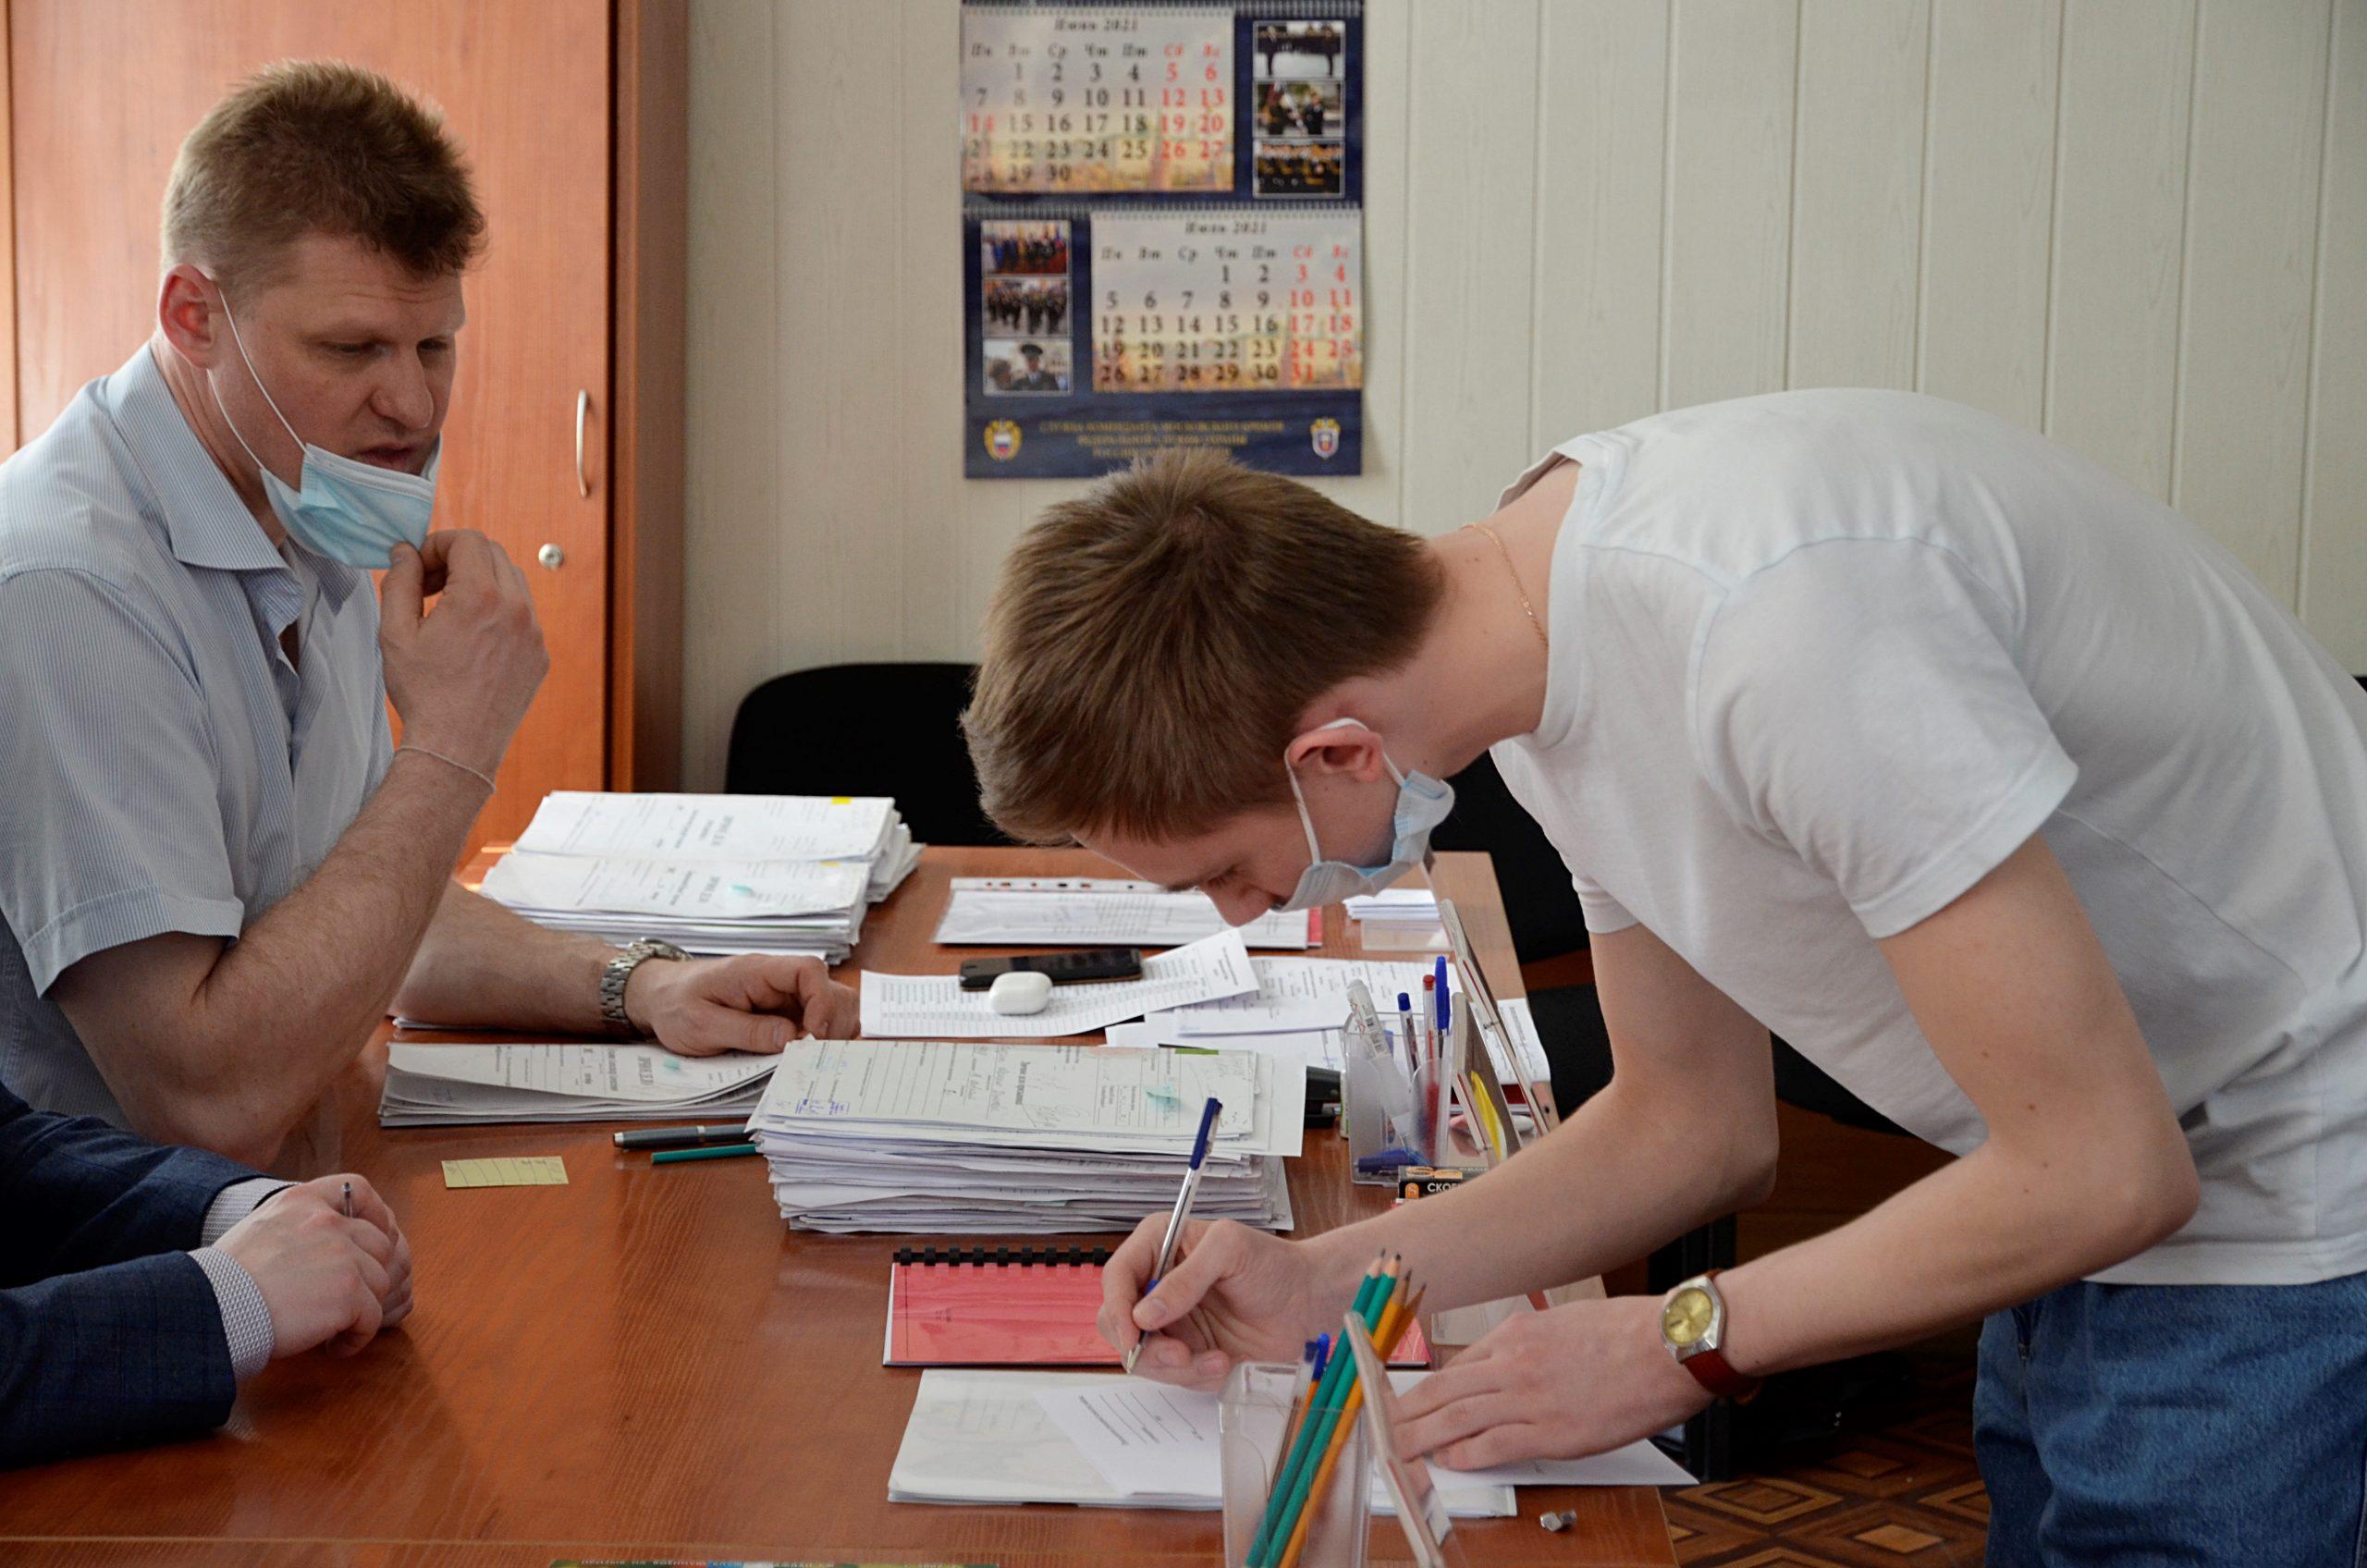 Промежуточные итоги весеннего призыва подвели в Орехове-Борисове Южном